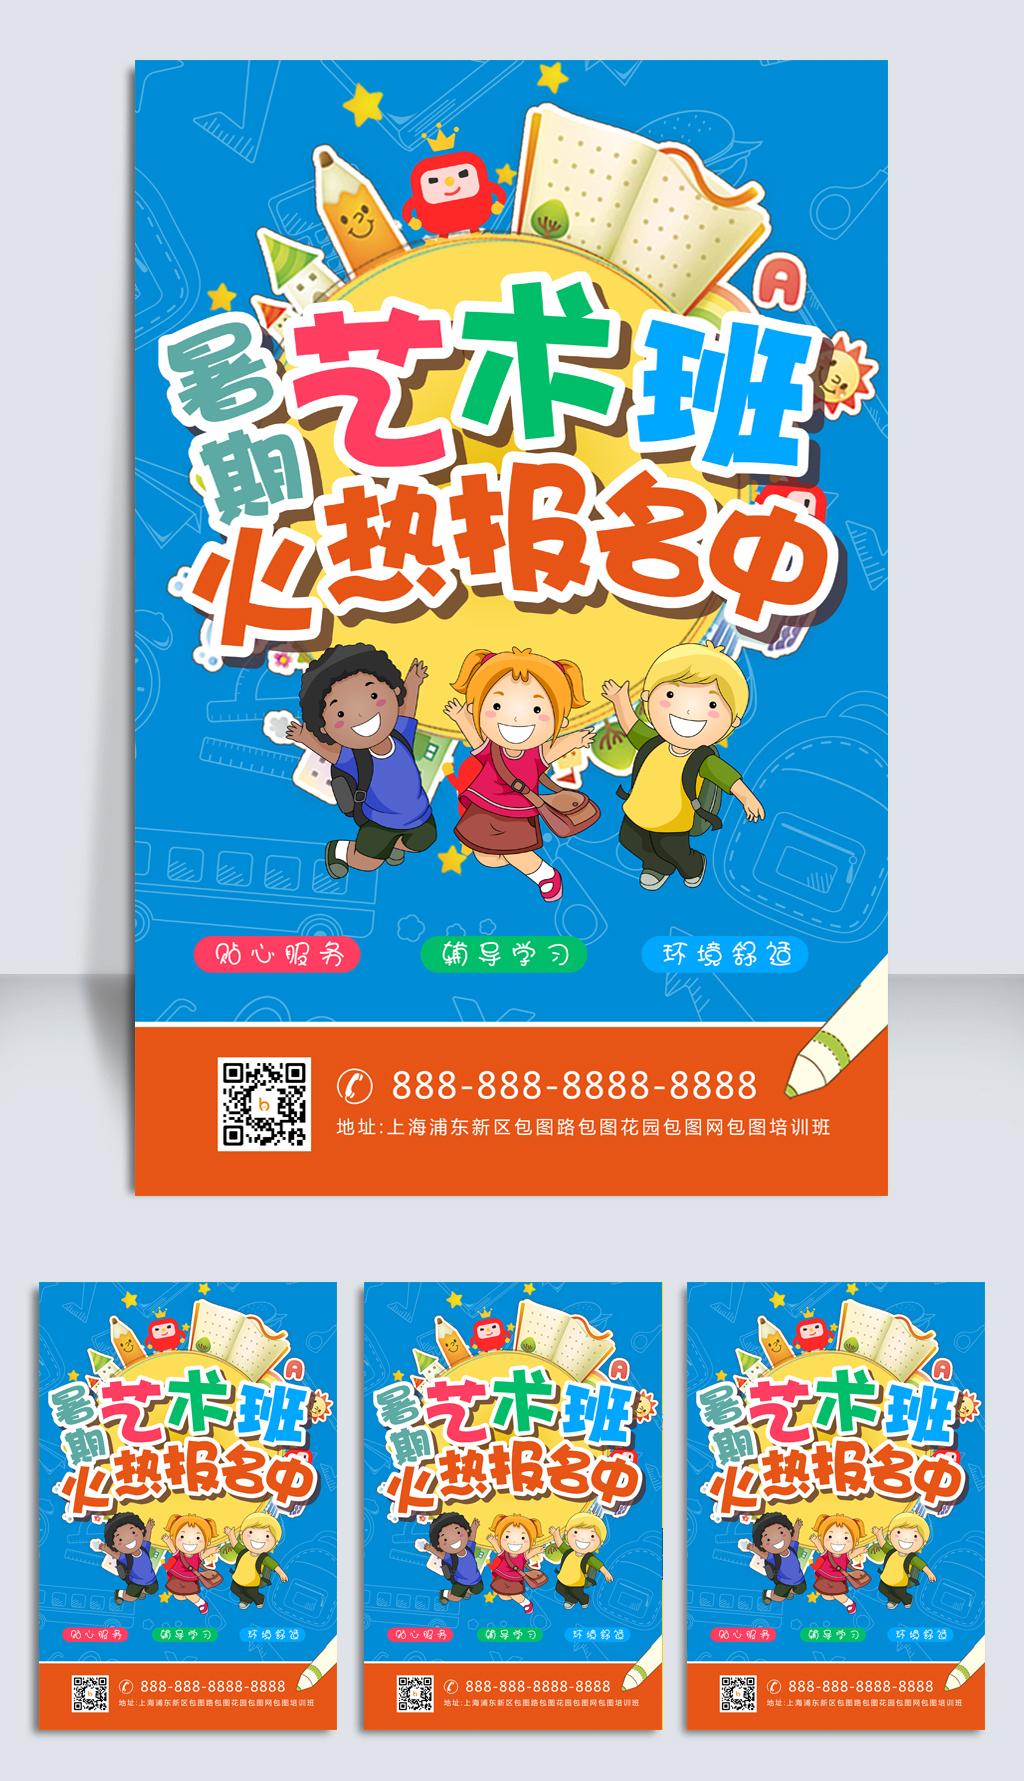 海报日记幼儿园招生简章展板小学v海报模版学校小学生摘葡萄图片